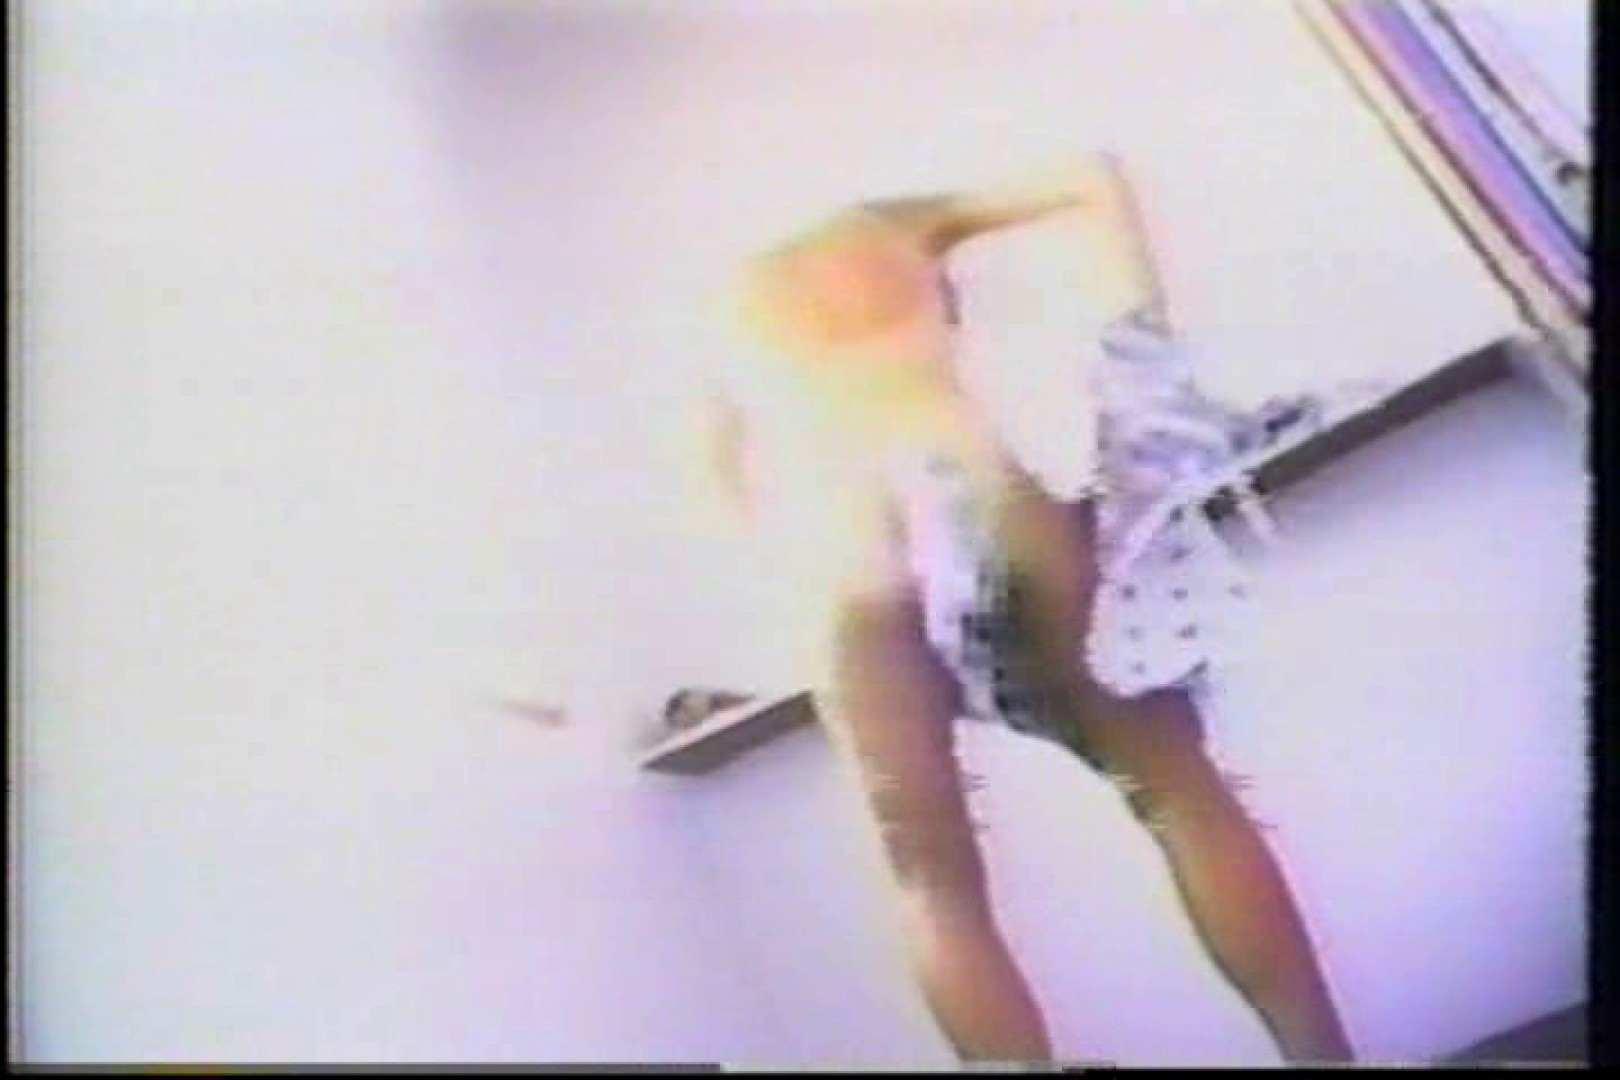 海の家の個室更衣室盗撮 全身全裸が丸見え TK-95 グループ乱行 AV無料動画キャプチャ 87PIX 84